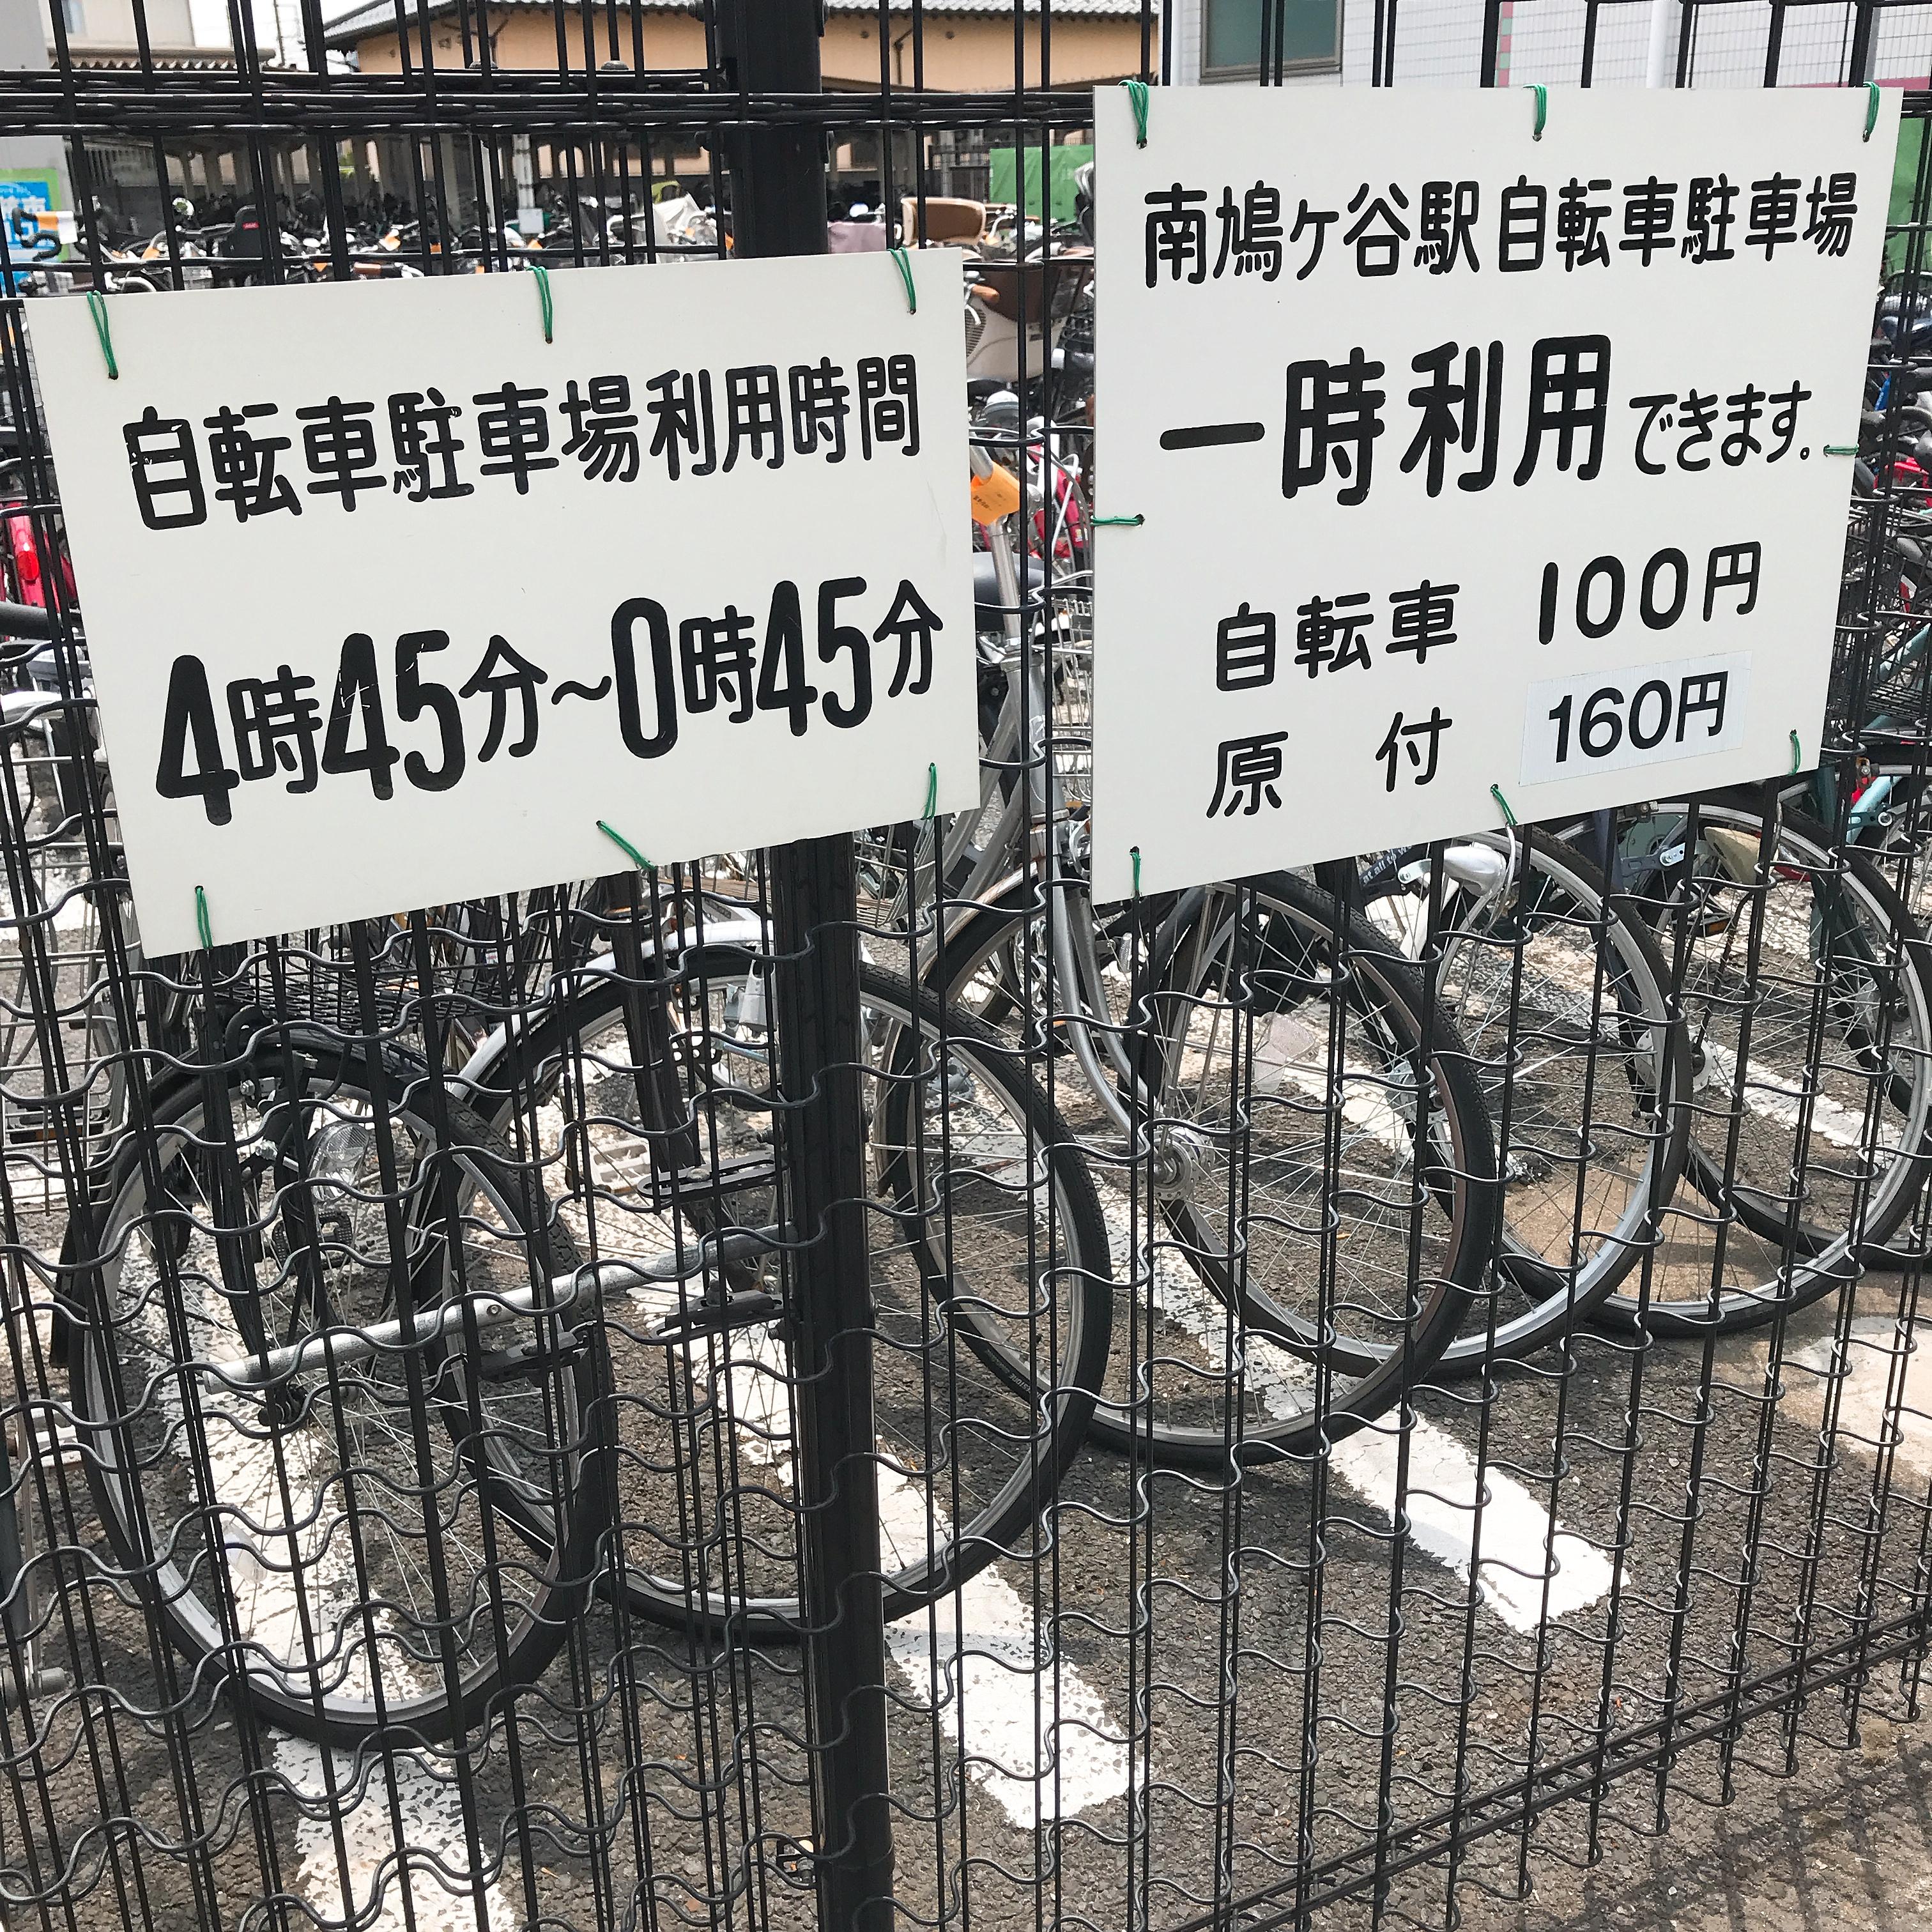 川口市営南鳩ヶ谷駅自転車駐車場